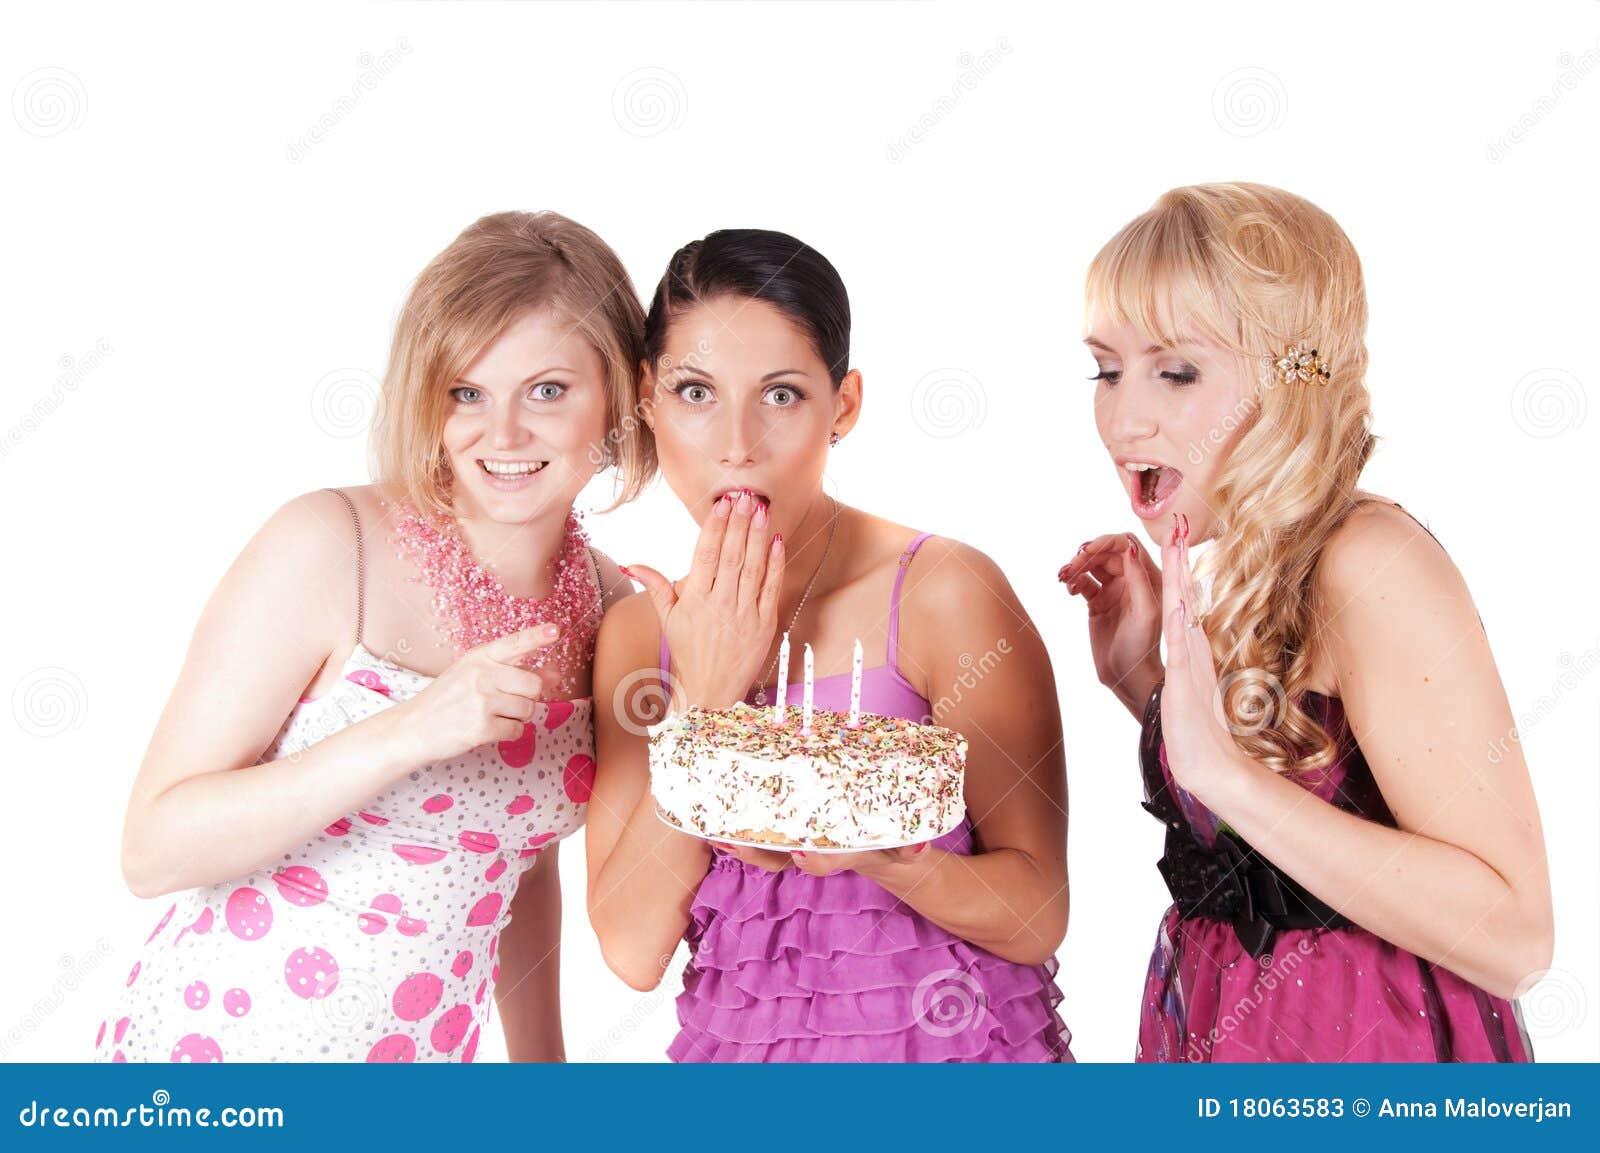 Dreier Auf Einer Party